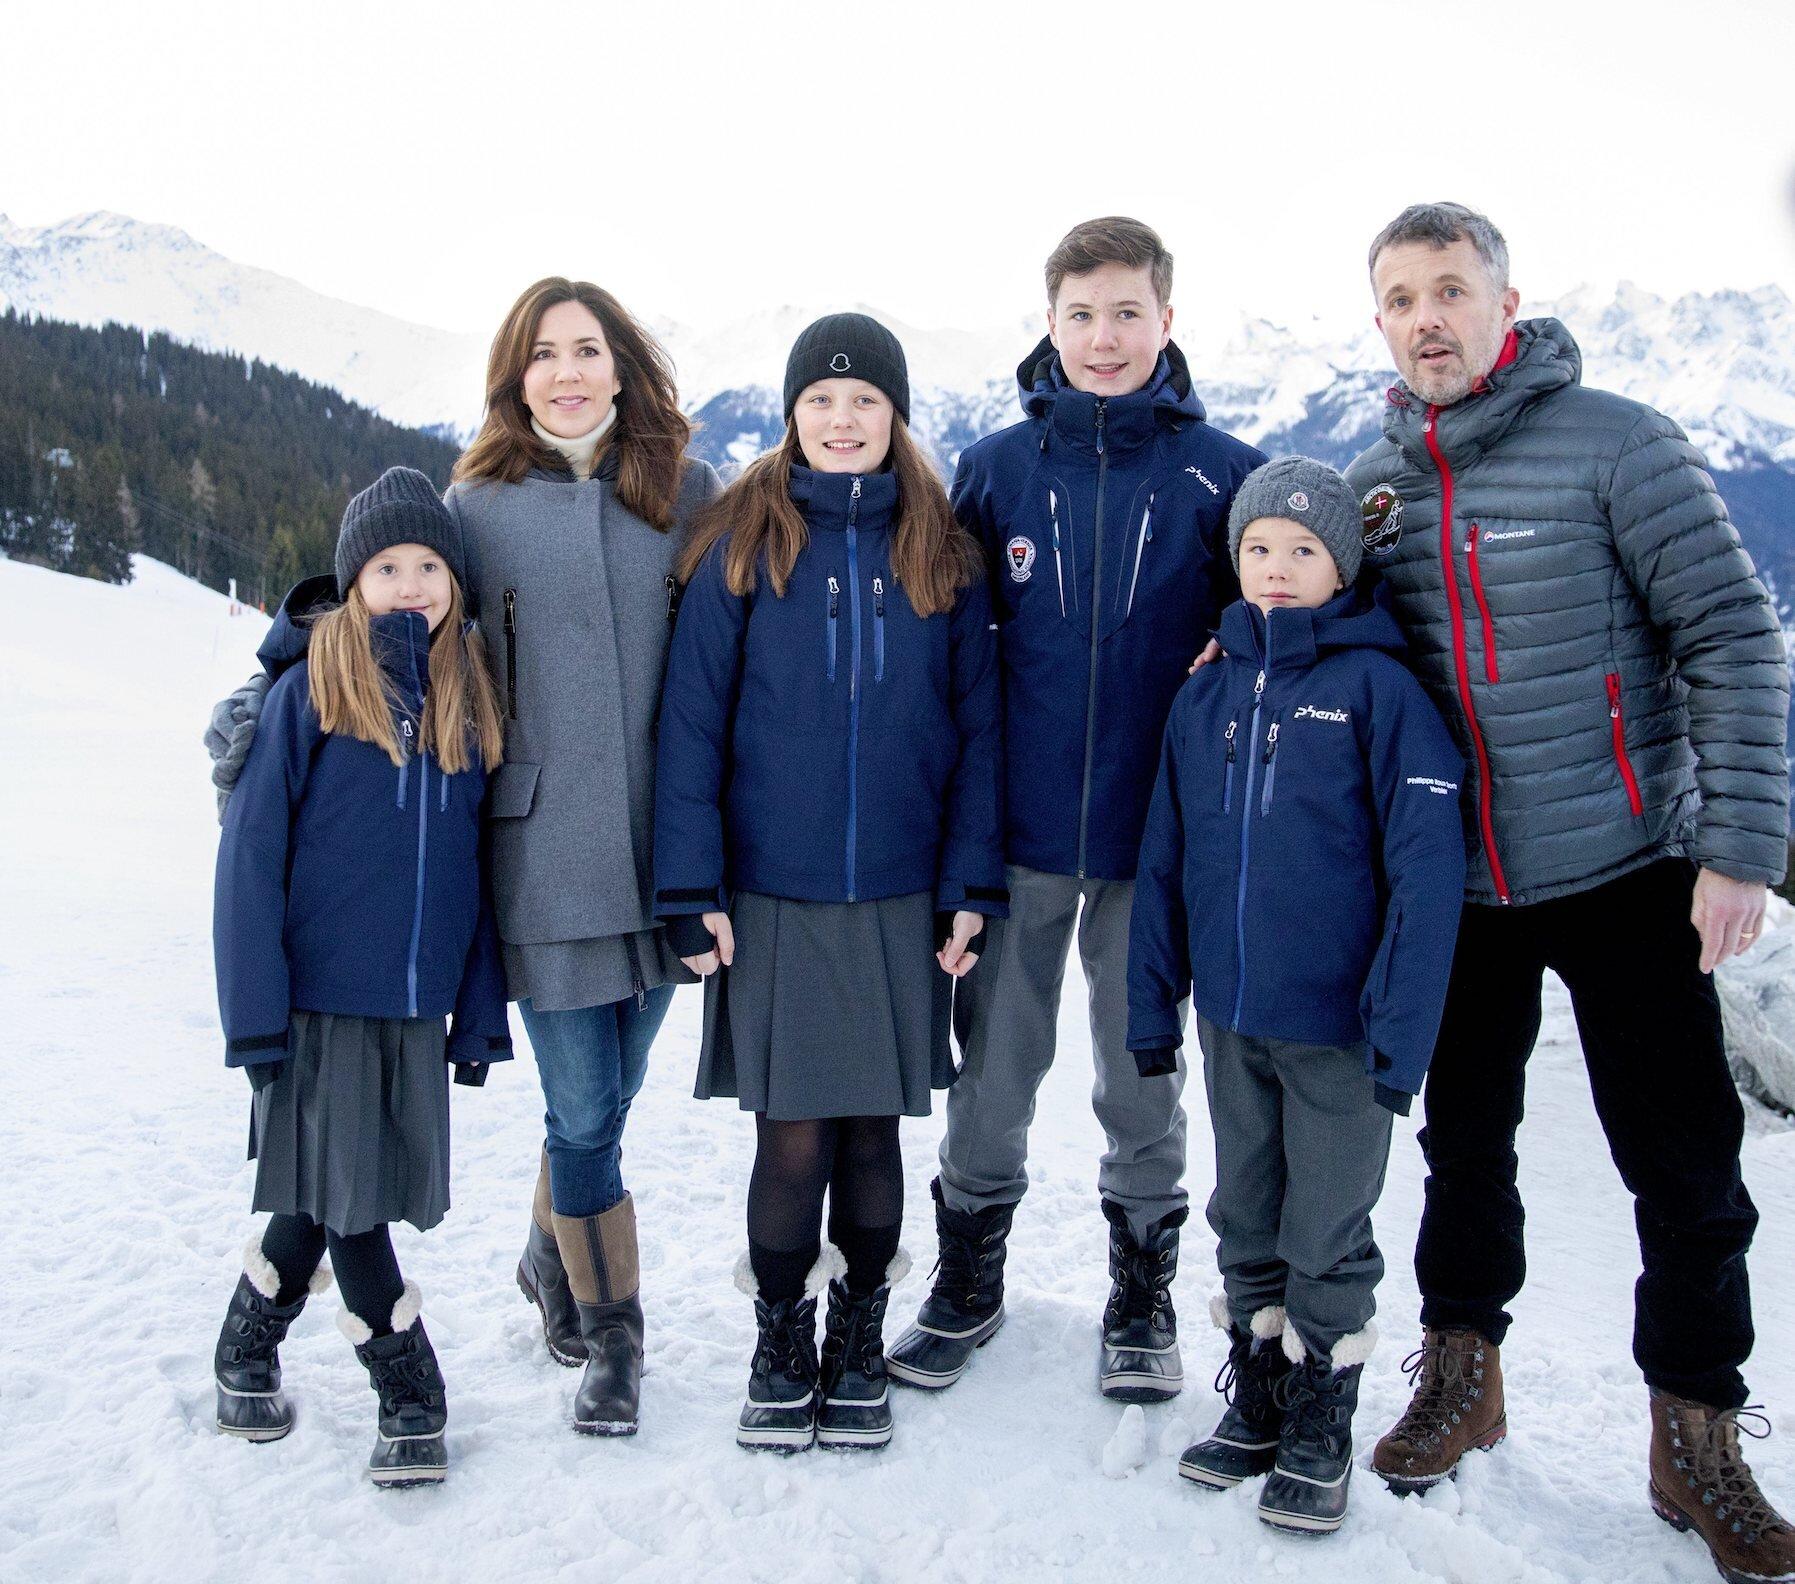 Royale Rasselbande: Kronprinzessin Mary und Kronprinz Frederik sind vierfache Eltern. © picture alliance/RoyalPress Europe